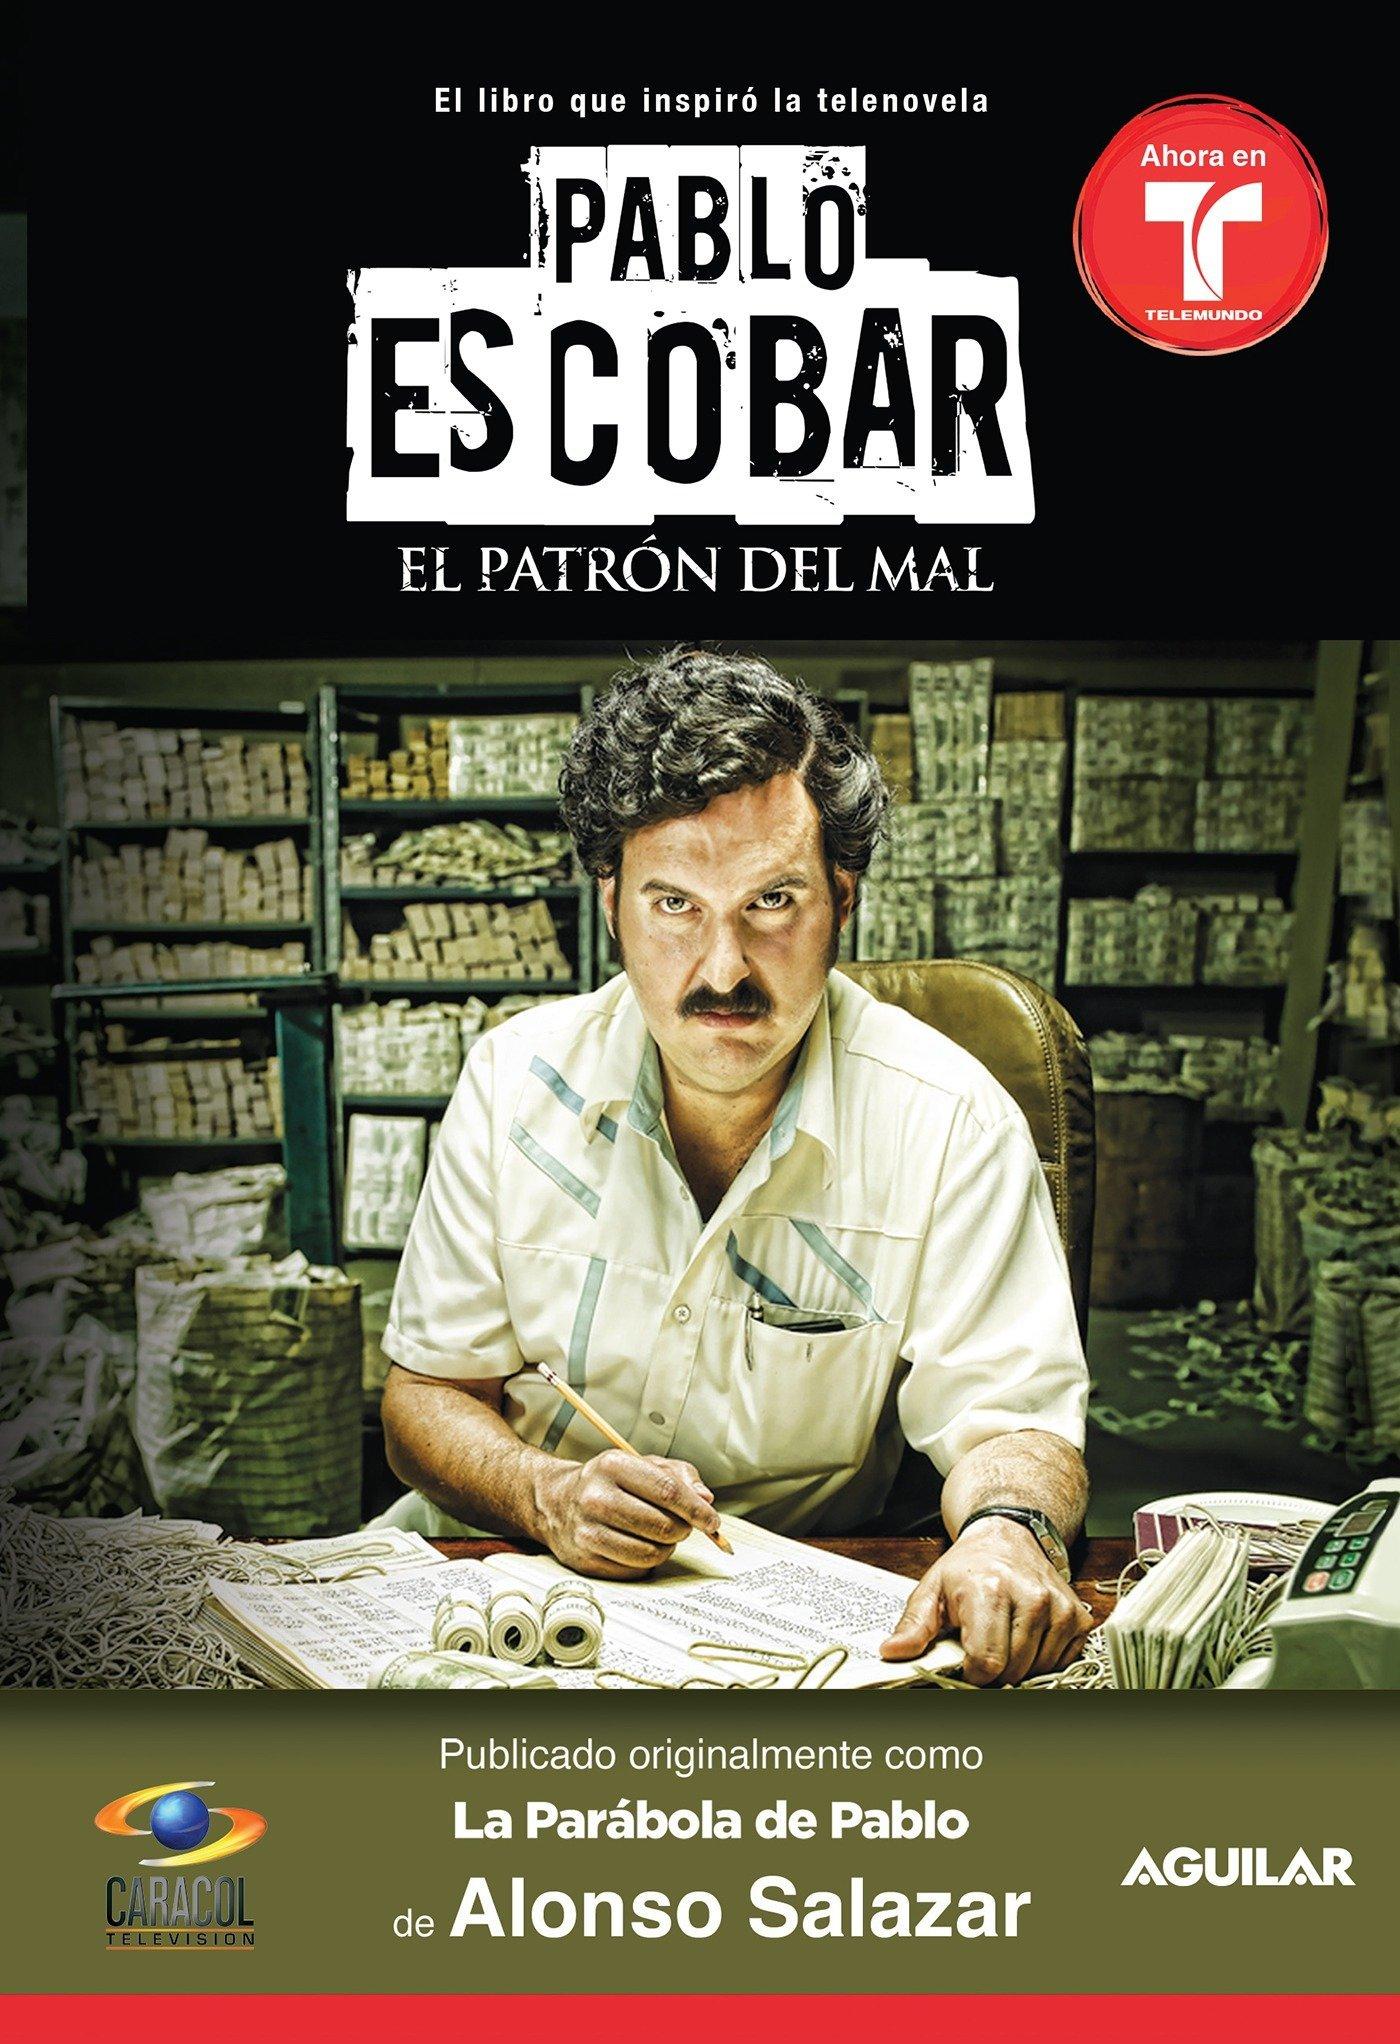 Pablo Escobar El Patrón Del Mal La Parabola De Pablo Pablo Escobar The Drug Lord The Parable Of Pablo Mti Spanish Edition Salazar Alonso 9781614359470 Books